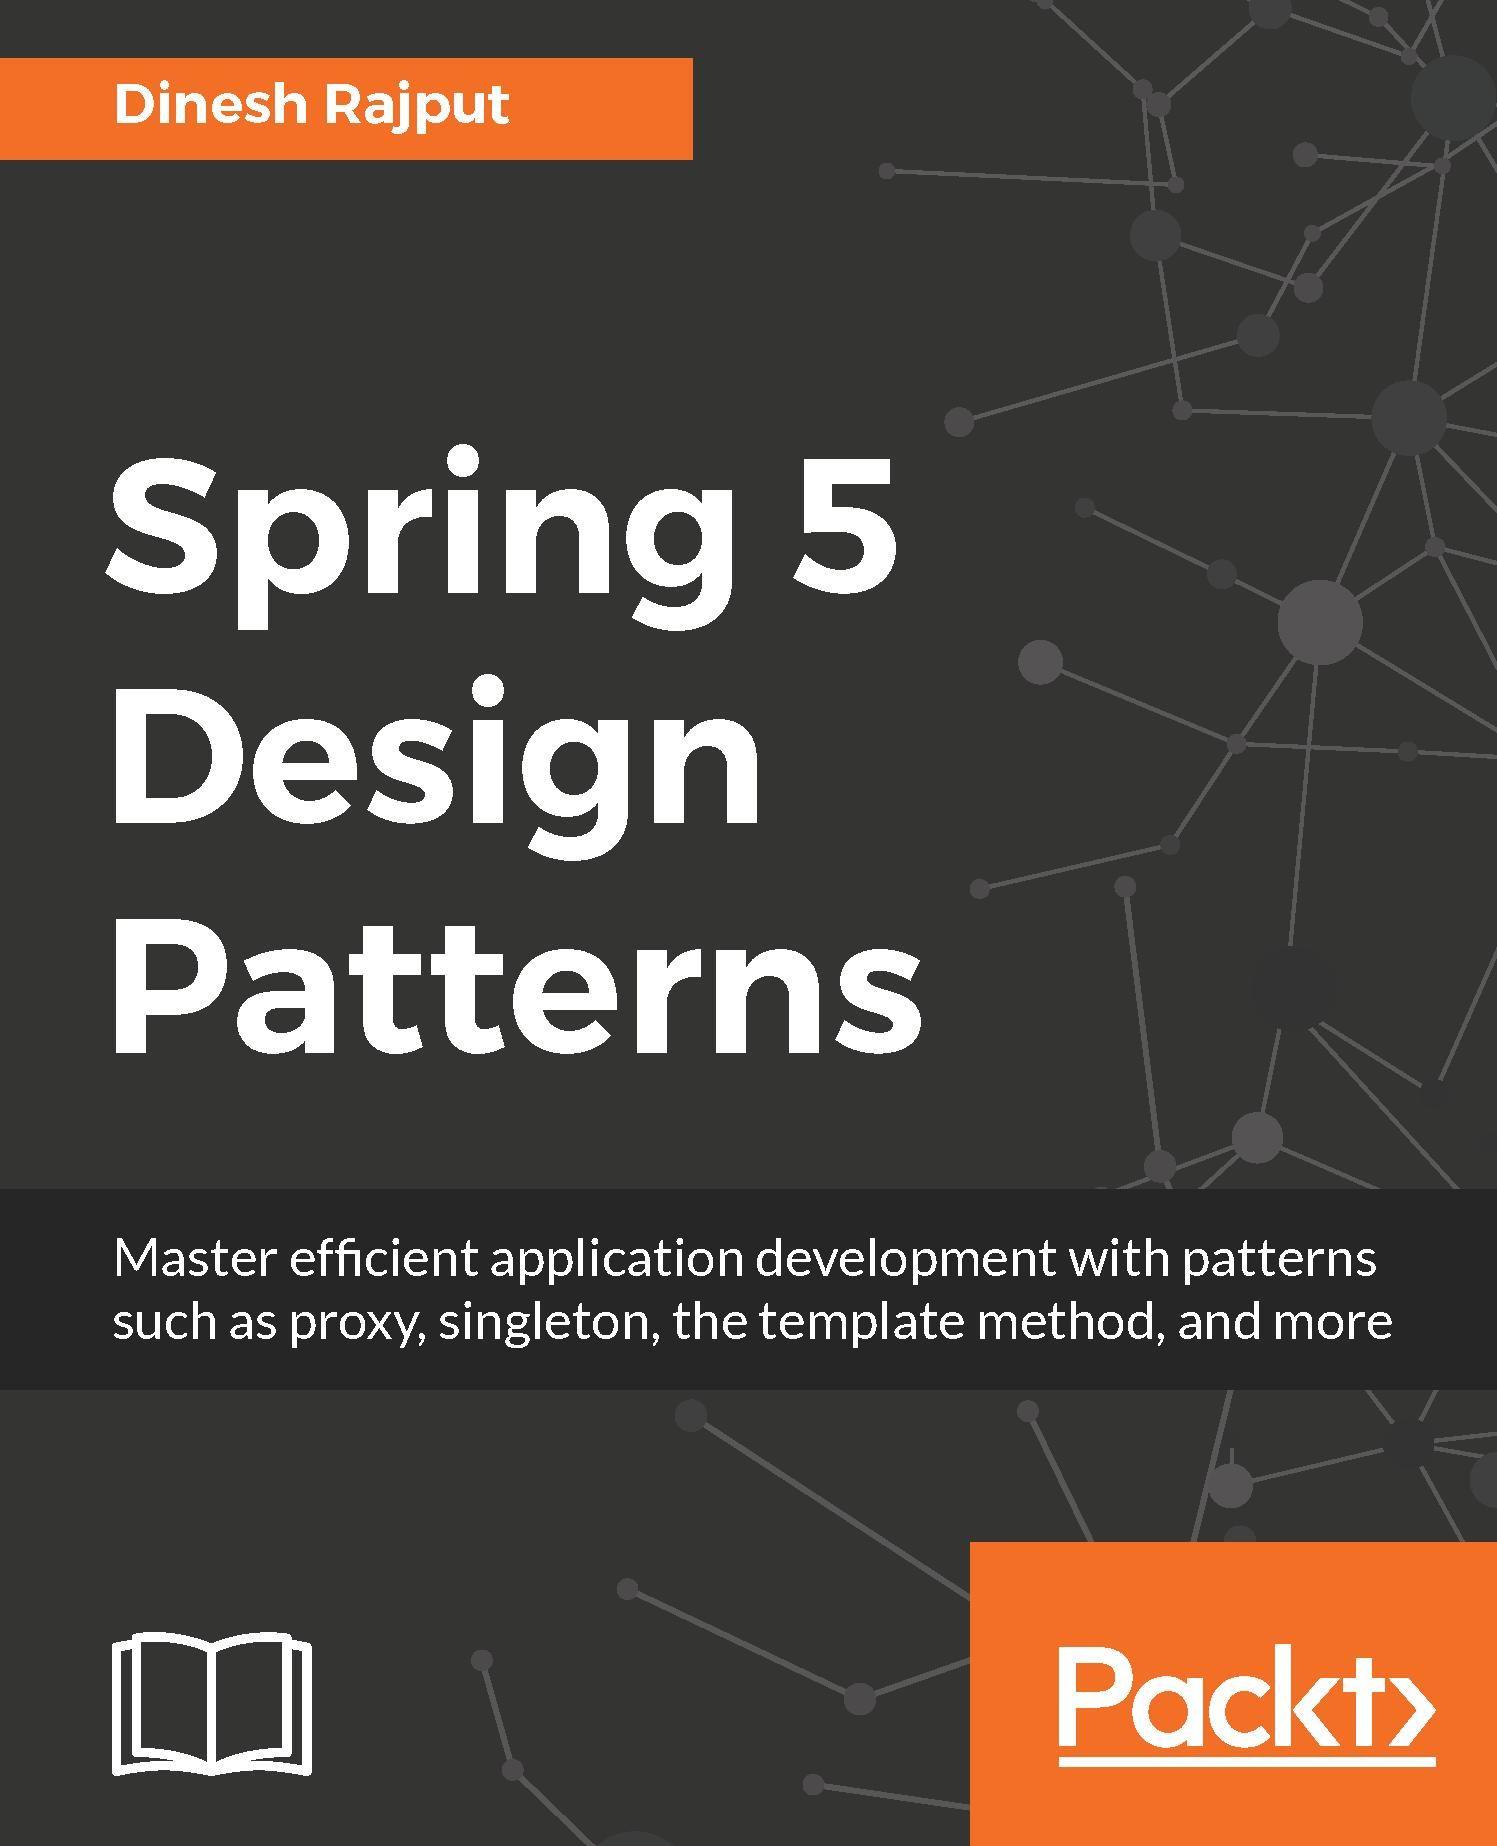 Spring 5 Design Patterns Pattern Design Spring Framework Packt